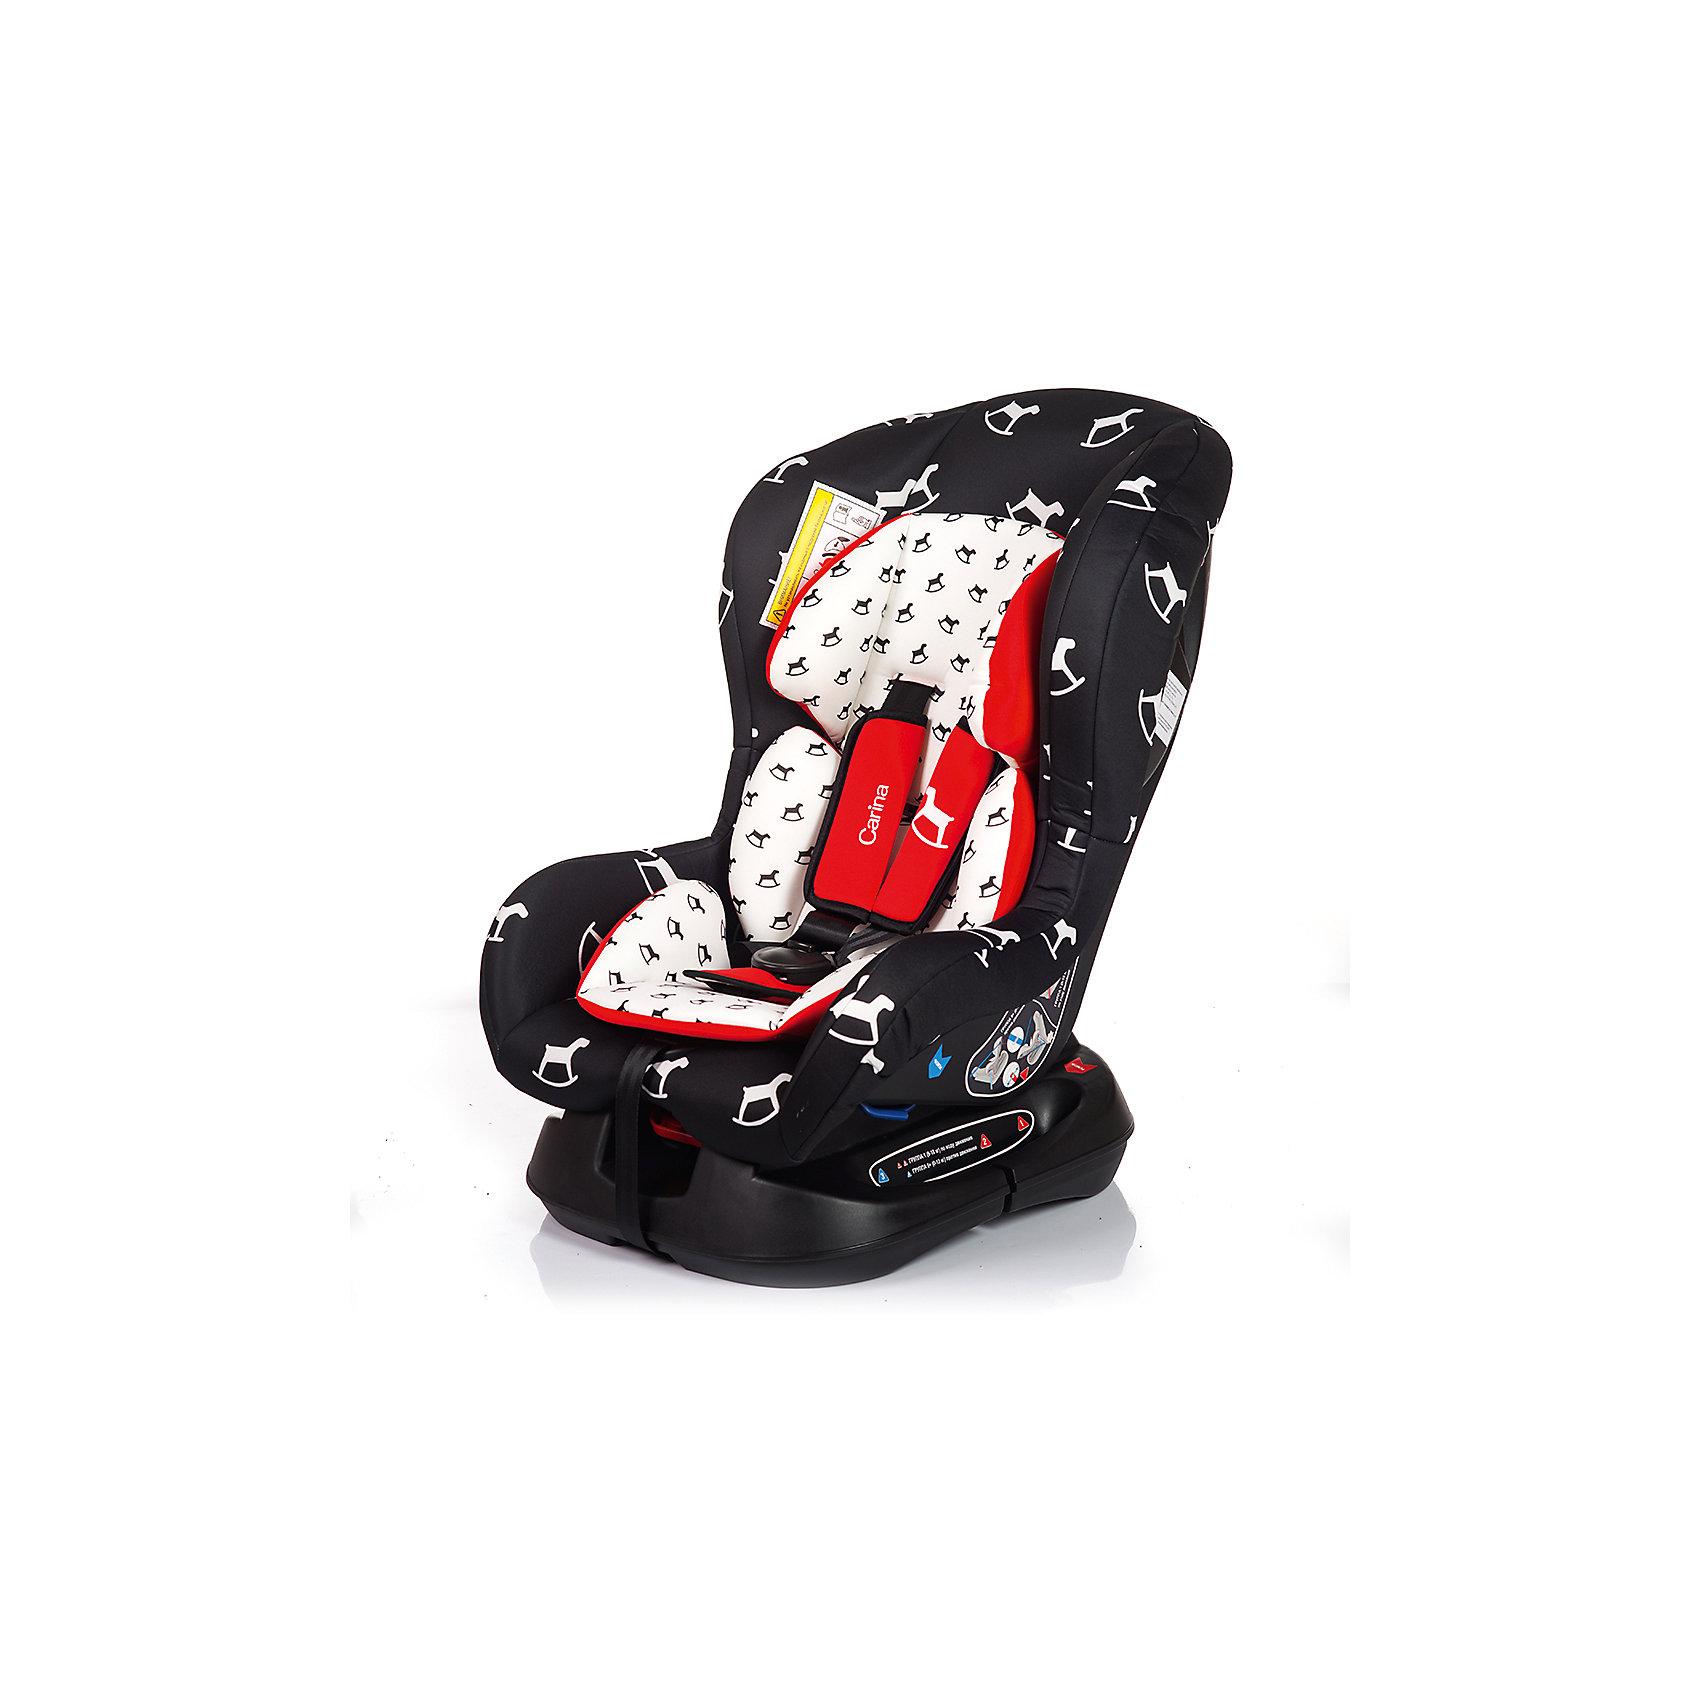 Автокресло CARINA 0-18 кг., Babyhit, чёрно-белая с лошадкамиГруппа 0+/1, для детей весом до 18кг.,Автокресло CARINA - яркое и красивое, и при этом отлично справляется со своей главной задачей - защитой малыша в машине. Крепкая основа и защита головы позволяет с комфортом разместить малыша в автокресле, позаботившись о правильном положении спинки. Чехол легко снимать и стирать, поэтому автокресло легко содержать в чистоте.несколько положений спинки (до полулежа), съемный чехол, мягкий матрасик, 5-ти точечные ремни безопасности с удерживающей системой, препятствующей их соскальзывание с плеч ребёнка,При весе ребенка от 9 до 18 кг. используется лицевой стороной по ходу движения автомобиля; при весе ребенка от 0 до 13 кг. используется спиной к движению автомобиля. соответствует Евростандарту безопасности ЕСЕ44/3<br><br>Ширина мм: 600<br>Глубина мм: 450<br>Высота мм: 820<br>Вес г: 7500<br>Возраст от месяцев: 0<br>Возраст до месяцев: 48<br>Пол: Унисекс<br>Возраст: Детский<br>SKU: 5500250